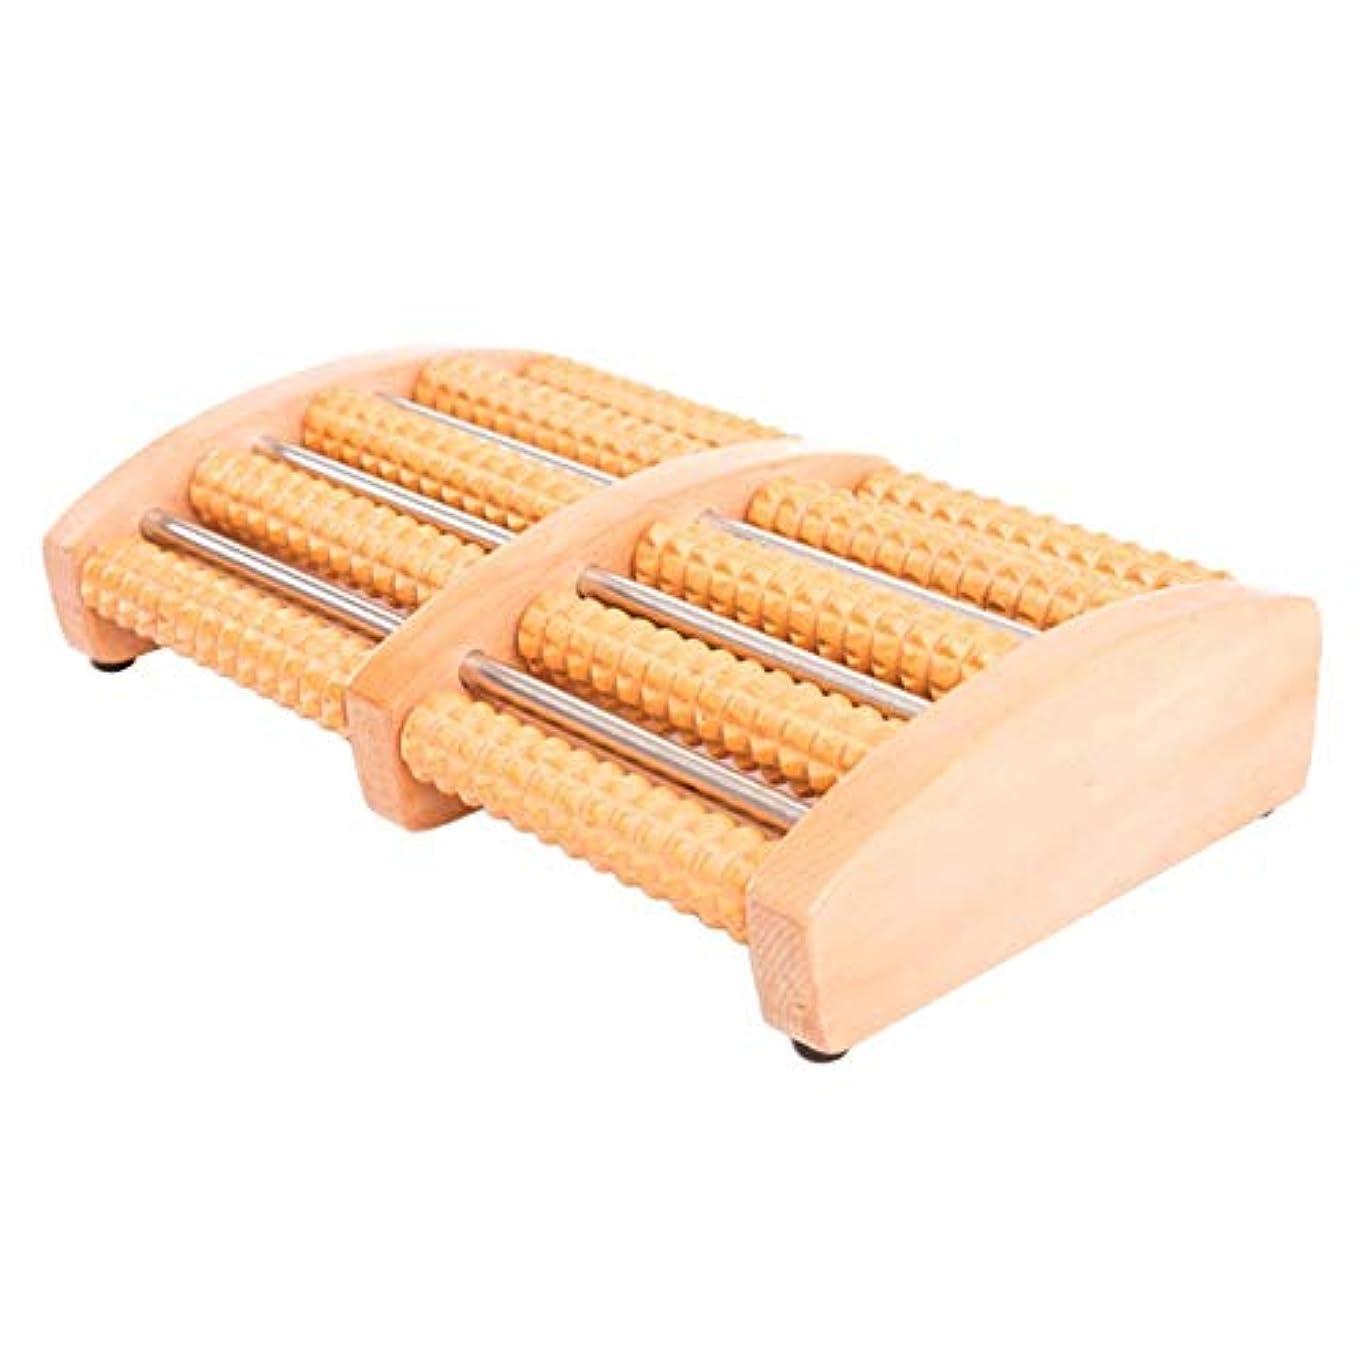 調査キー打たれたトラックColdwhite フットマッサージローラー、足のアーチの痛みと足底筋膜炎筋肉ローラースティック、リラクゼーションとストレス解消のための指圧リフレクソロジーツール(木製ローラー)